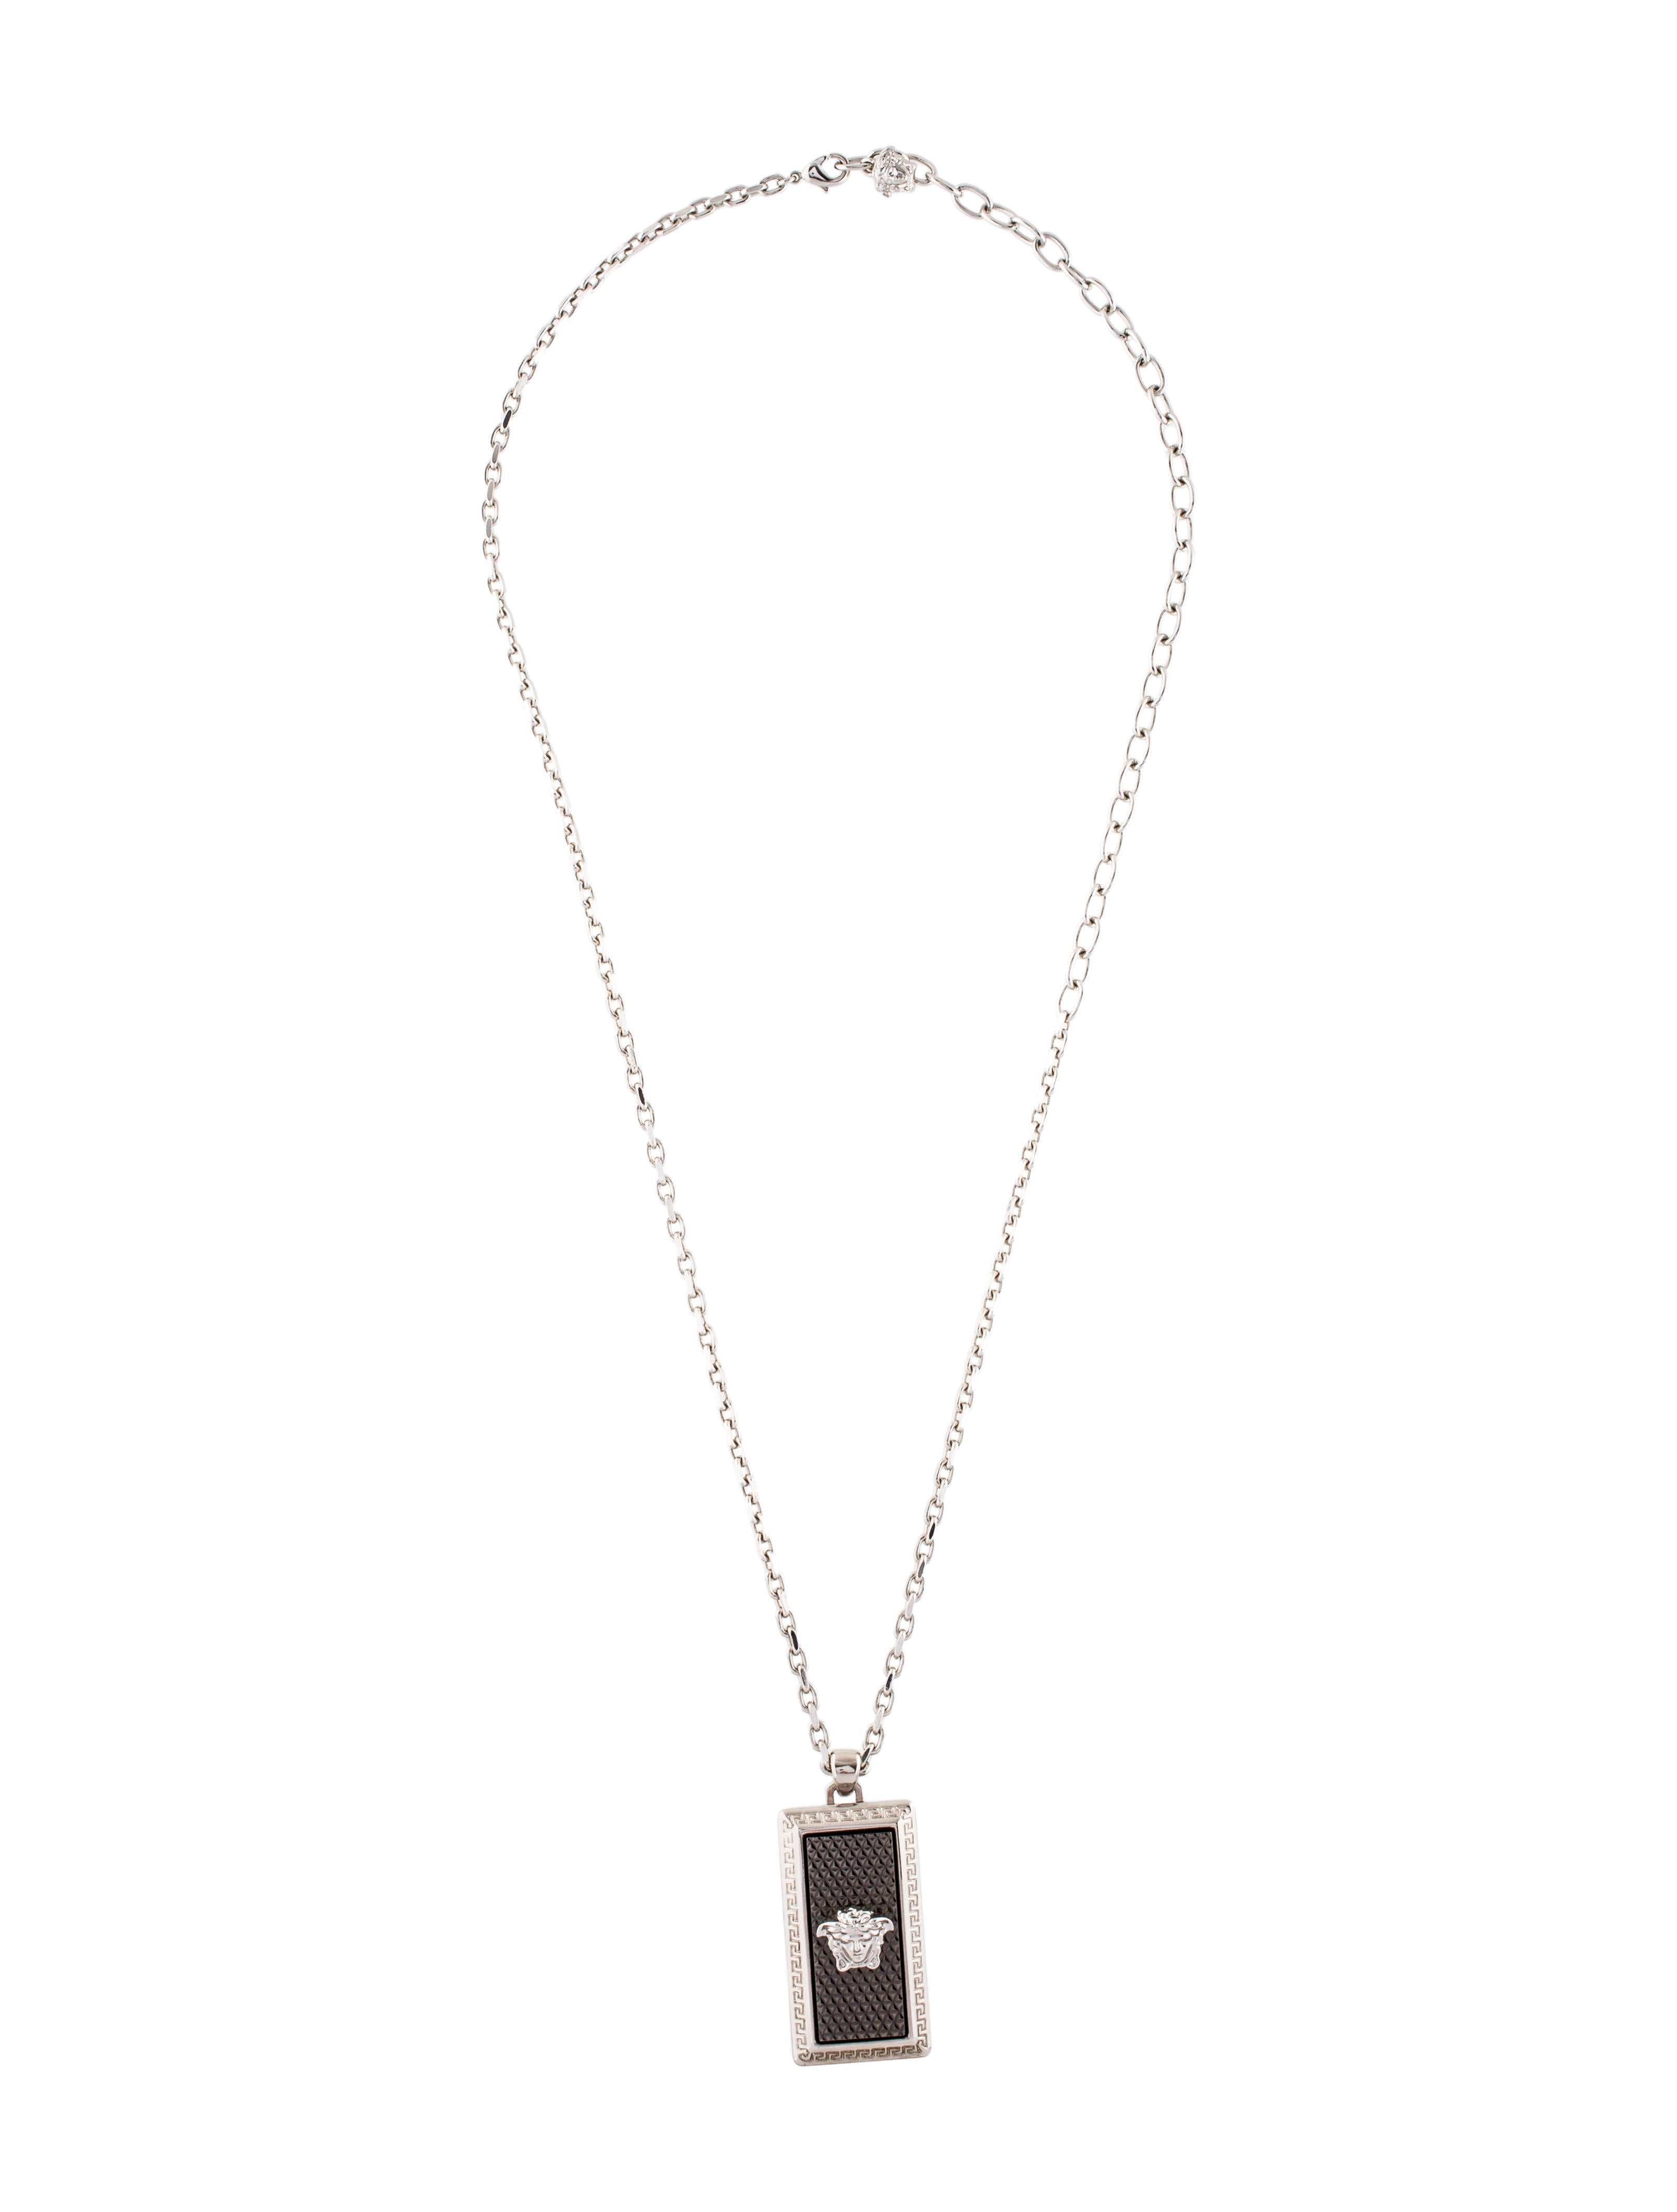 Versace medusa pendant necklace necklaces ves36138 the realreal medusa pendant necklace aloadofball Images